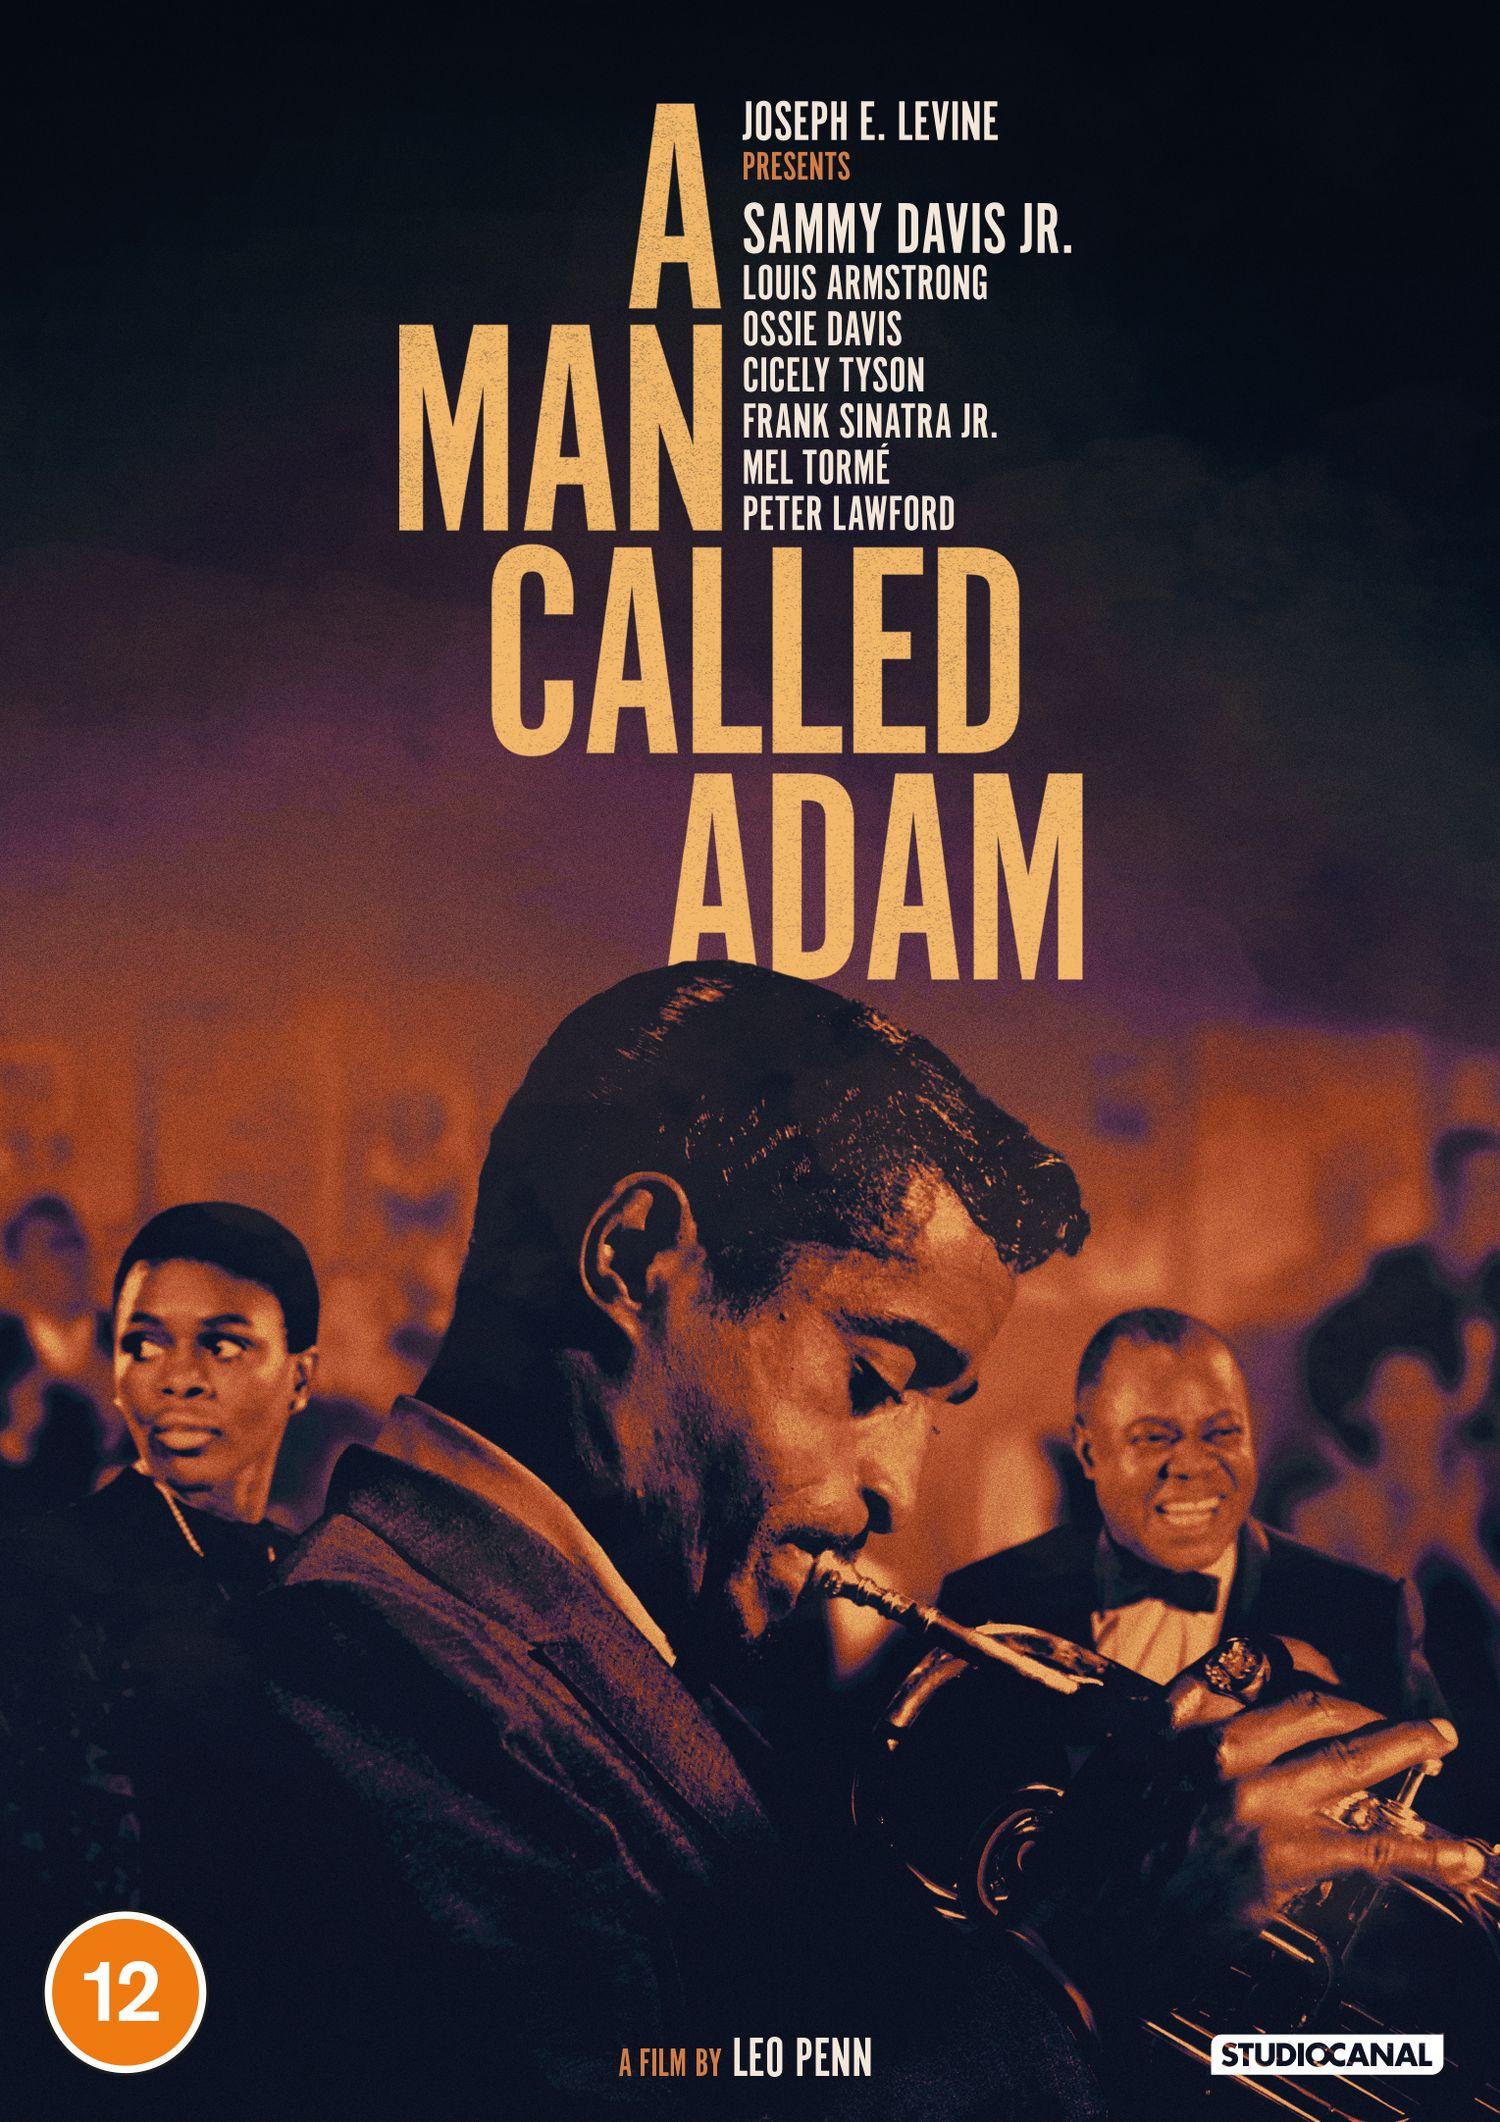 A-Man-Called-Adam-Final-Packshot-UK-2021-Restoration-English-1529×2163-OPTD4414-2D-jpg